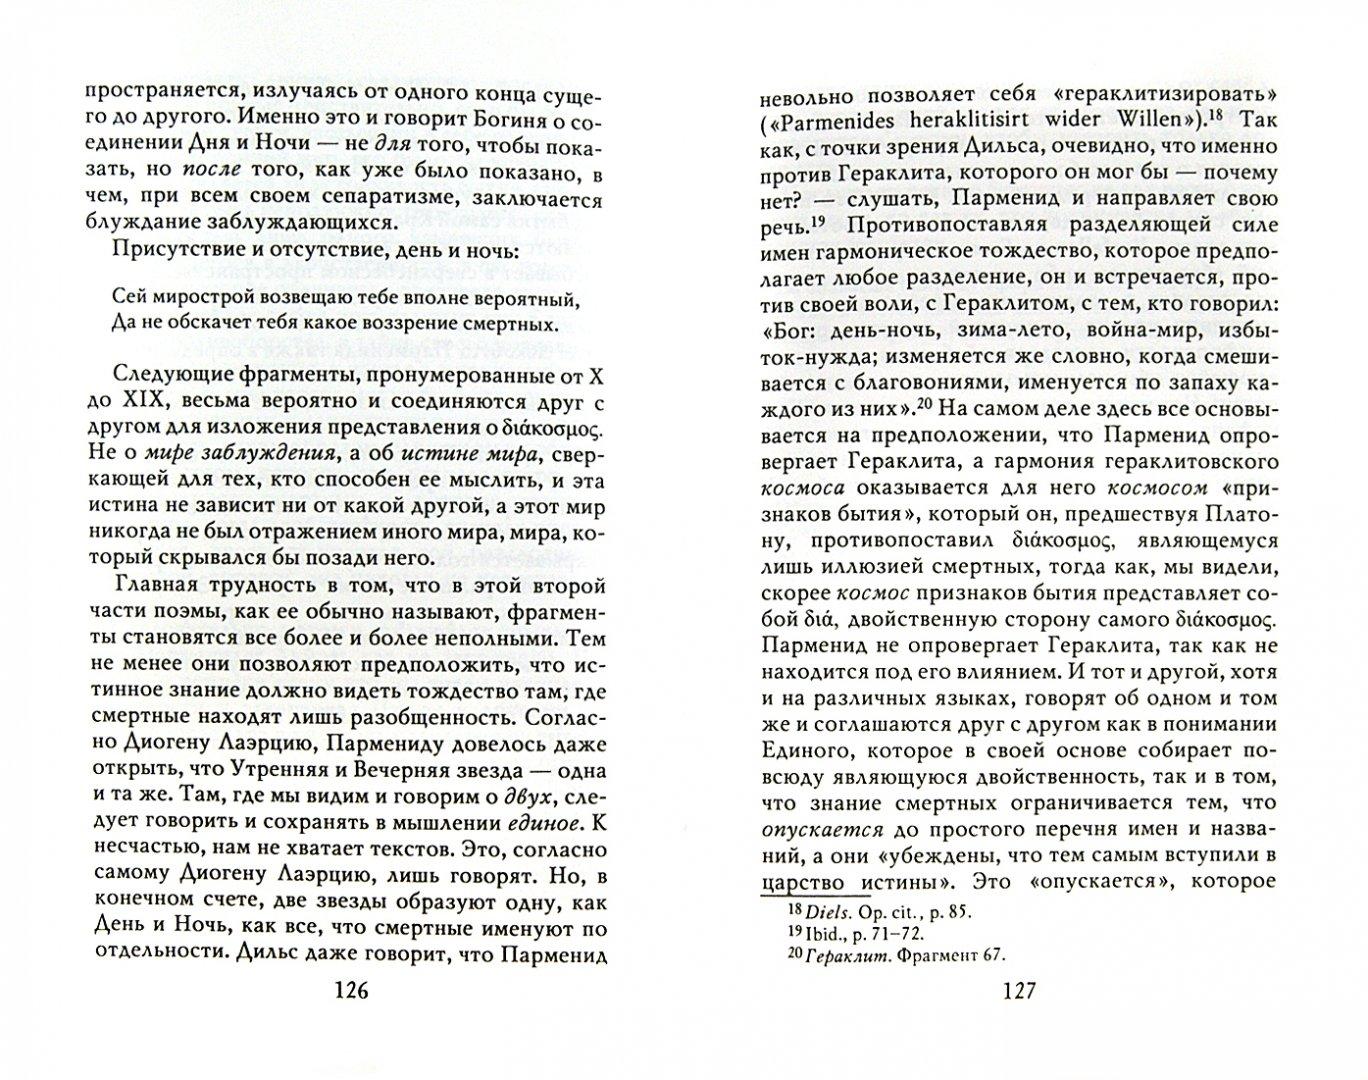 Иллюстрация 1 из 10 для Диалог с Хайдеггером. В 4-х книгах. Книга 1. Греческая философия - Жан Бофре | Лабиринт - книги. Источник: Лабиринт